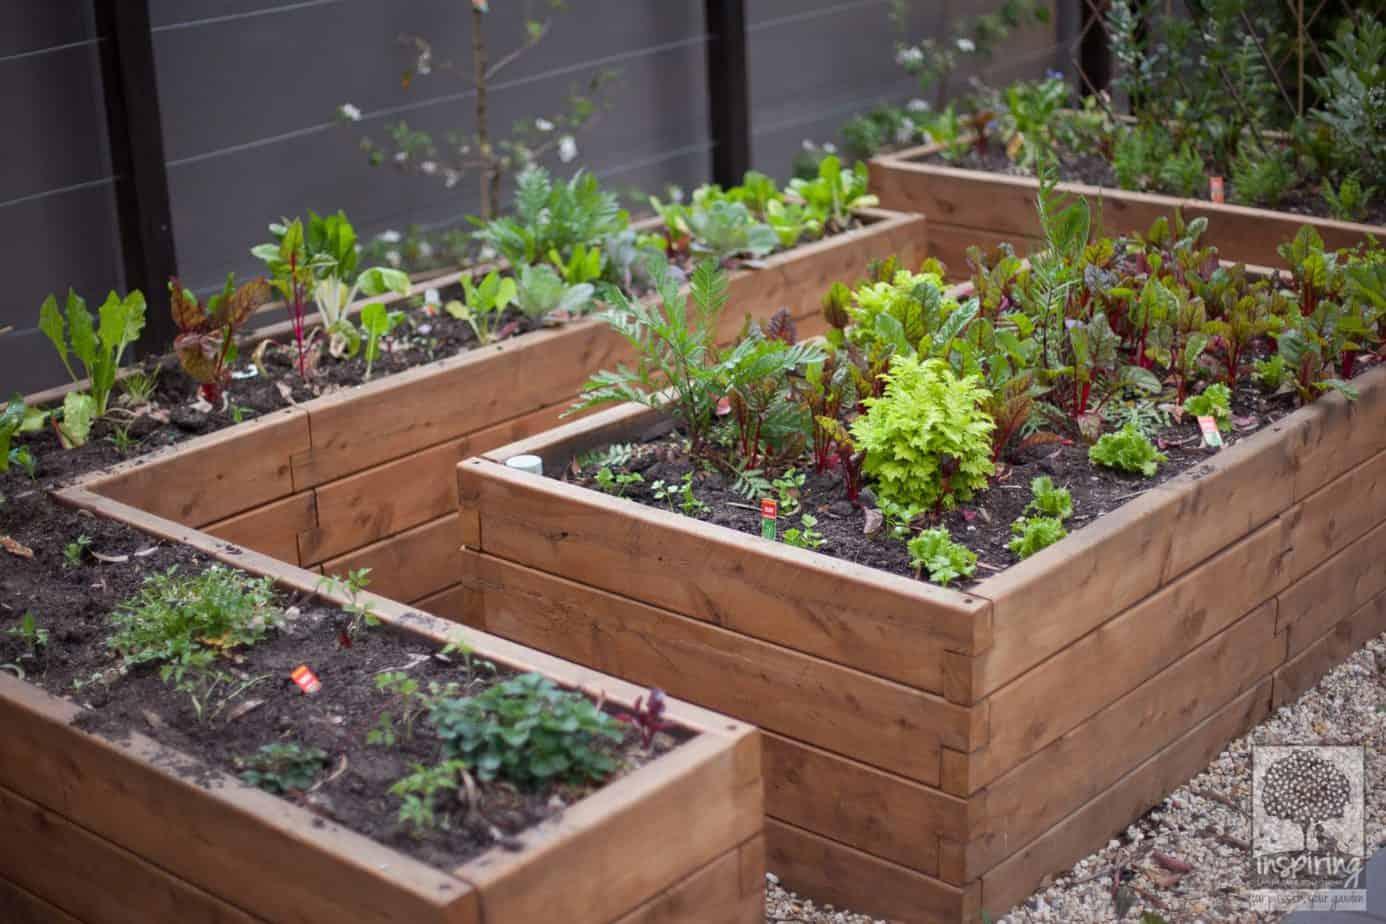 Urban food garden in productive part of Blackburn landscape design by Inspiring Landscape Solutions